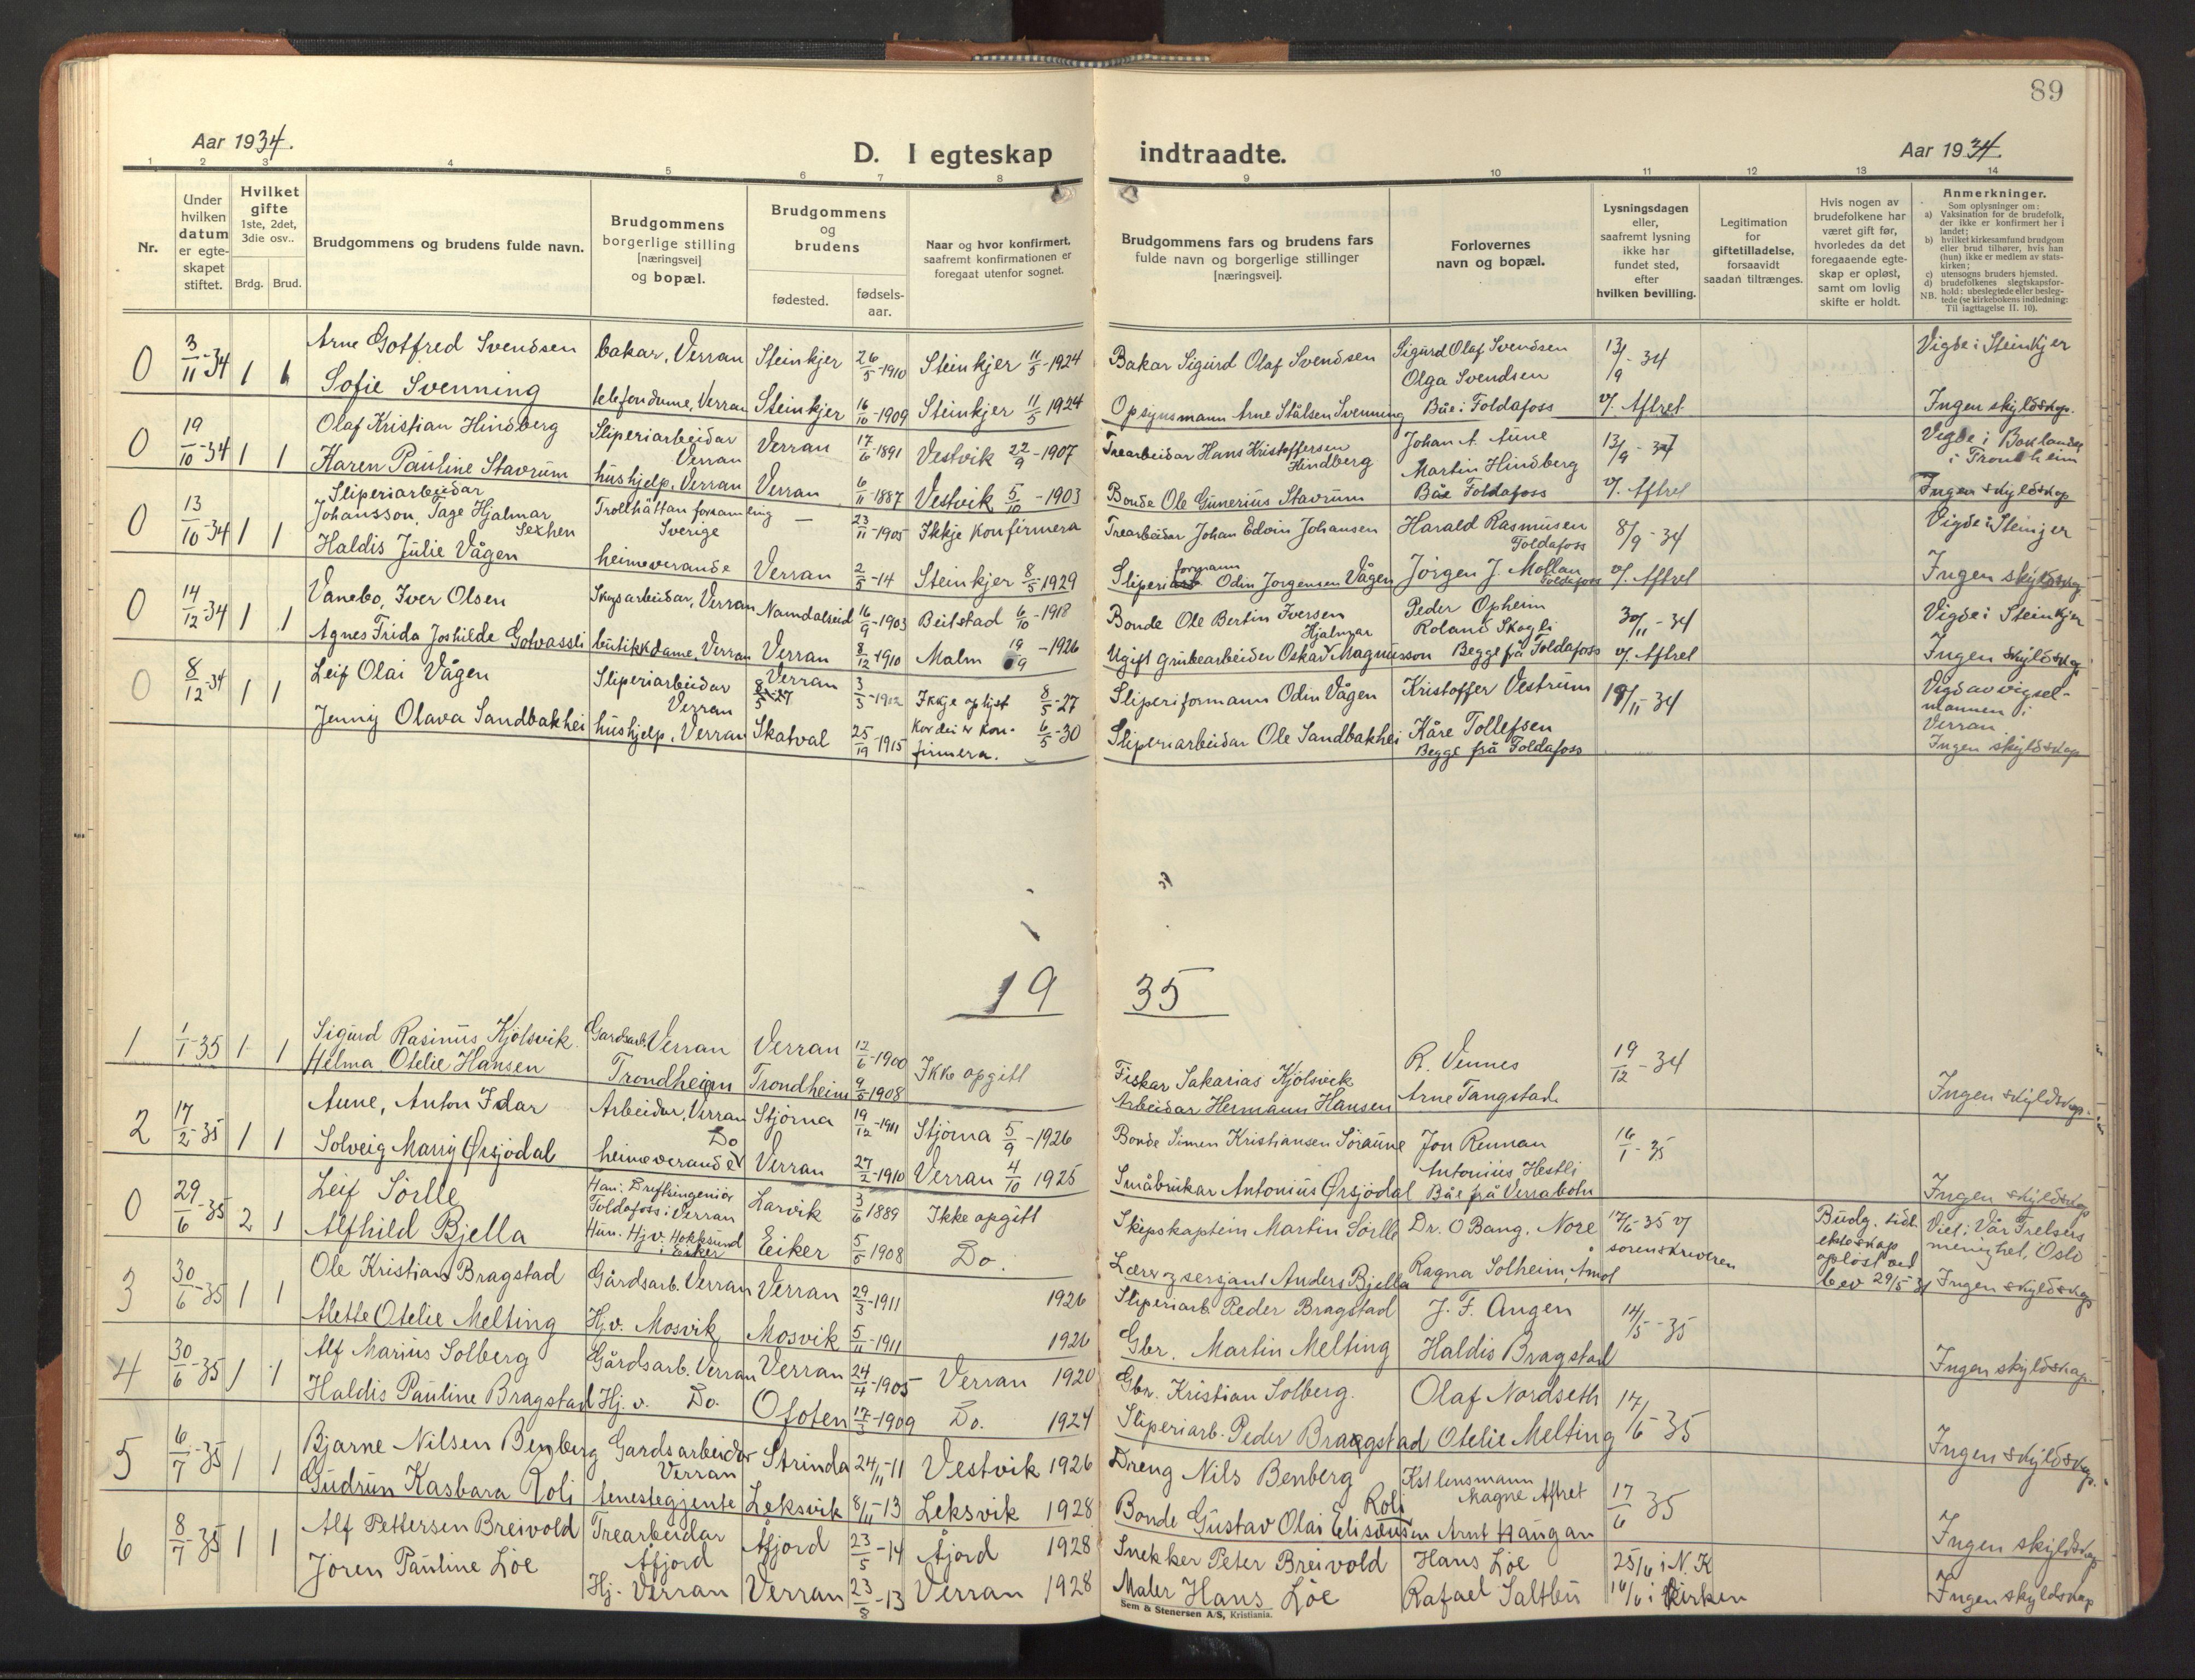 SAT, Ministerialprotokoller, klokkerbøker og fødselsregistre - Nord-Trøndelag, 744/L0425: Klokkerbok nr. 744C04, 1924-1947, s. 89